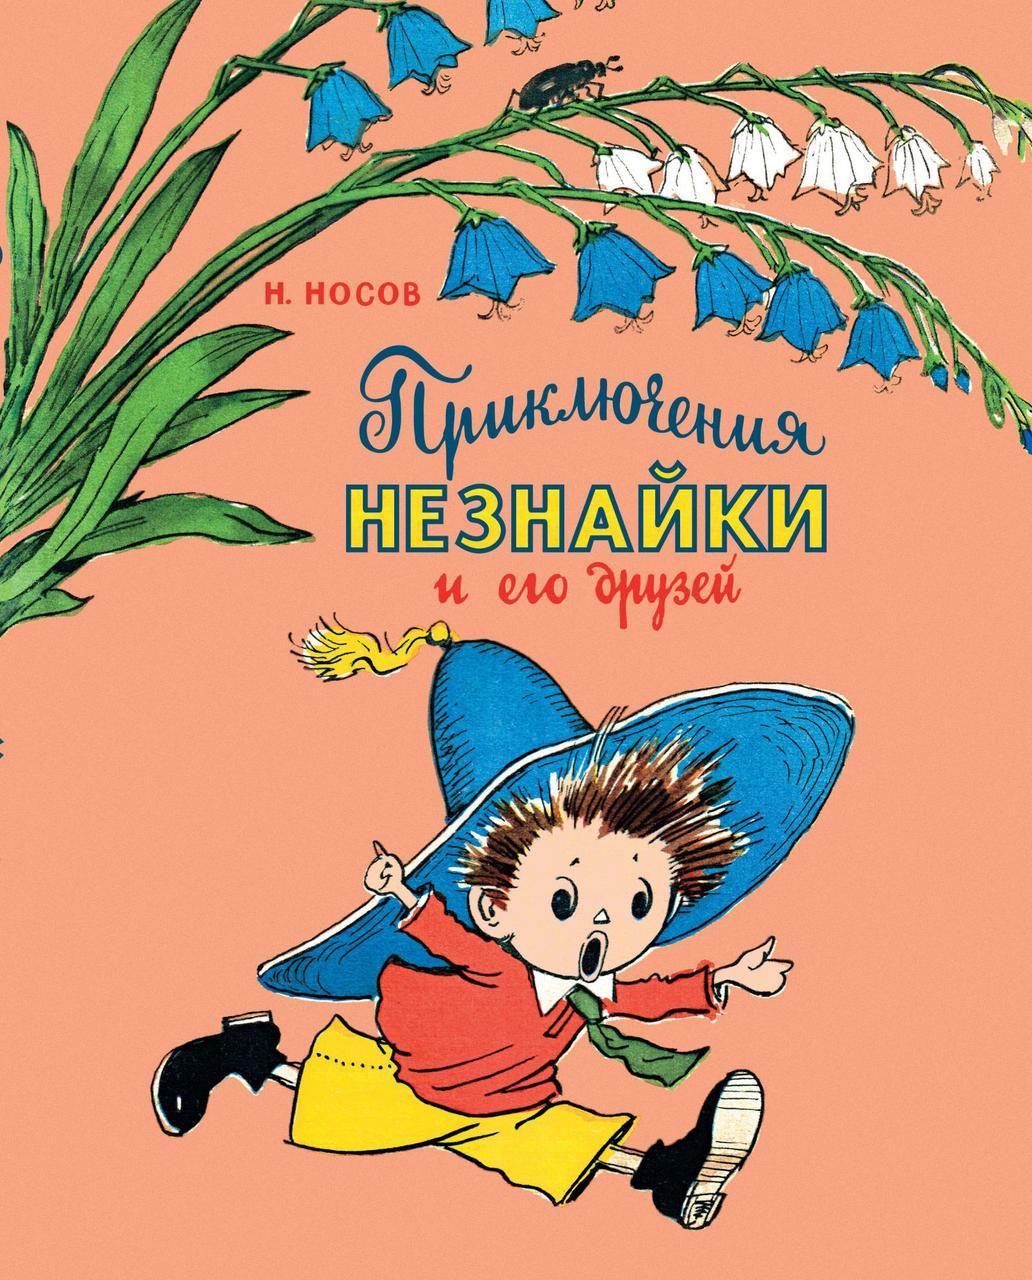 Приключения Незнайки и его друзей. Николай Носов.